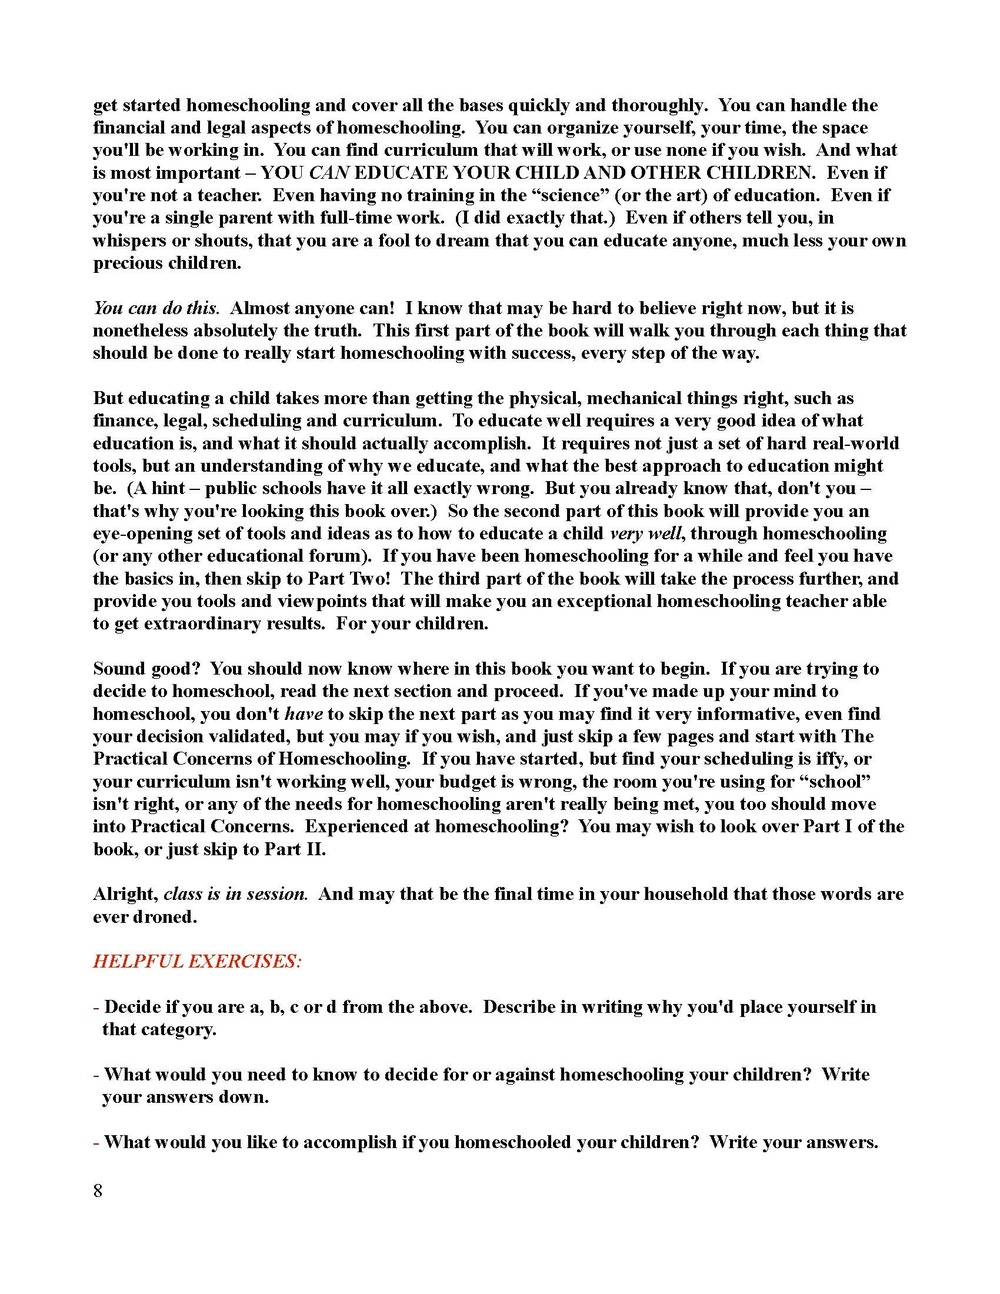 Homeschoolers Handbook_Page_008.jpg